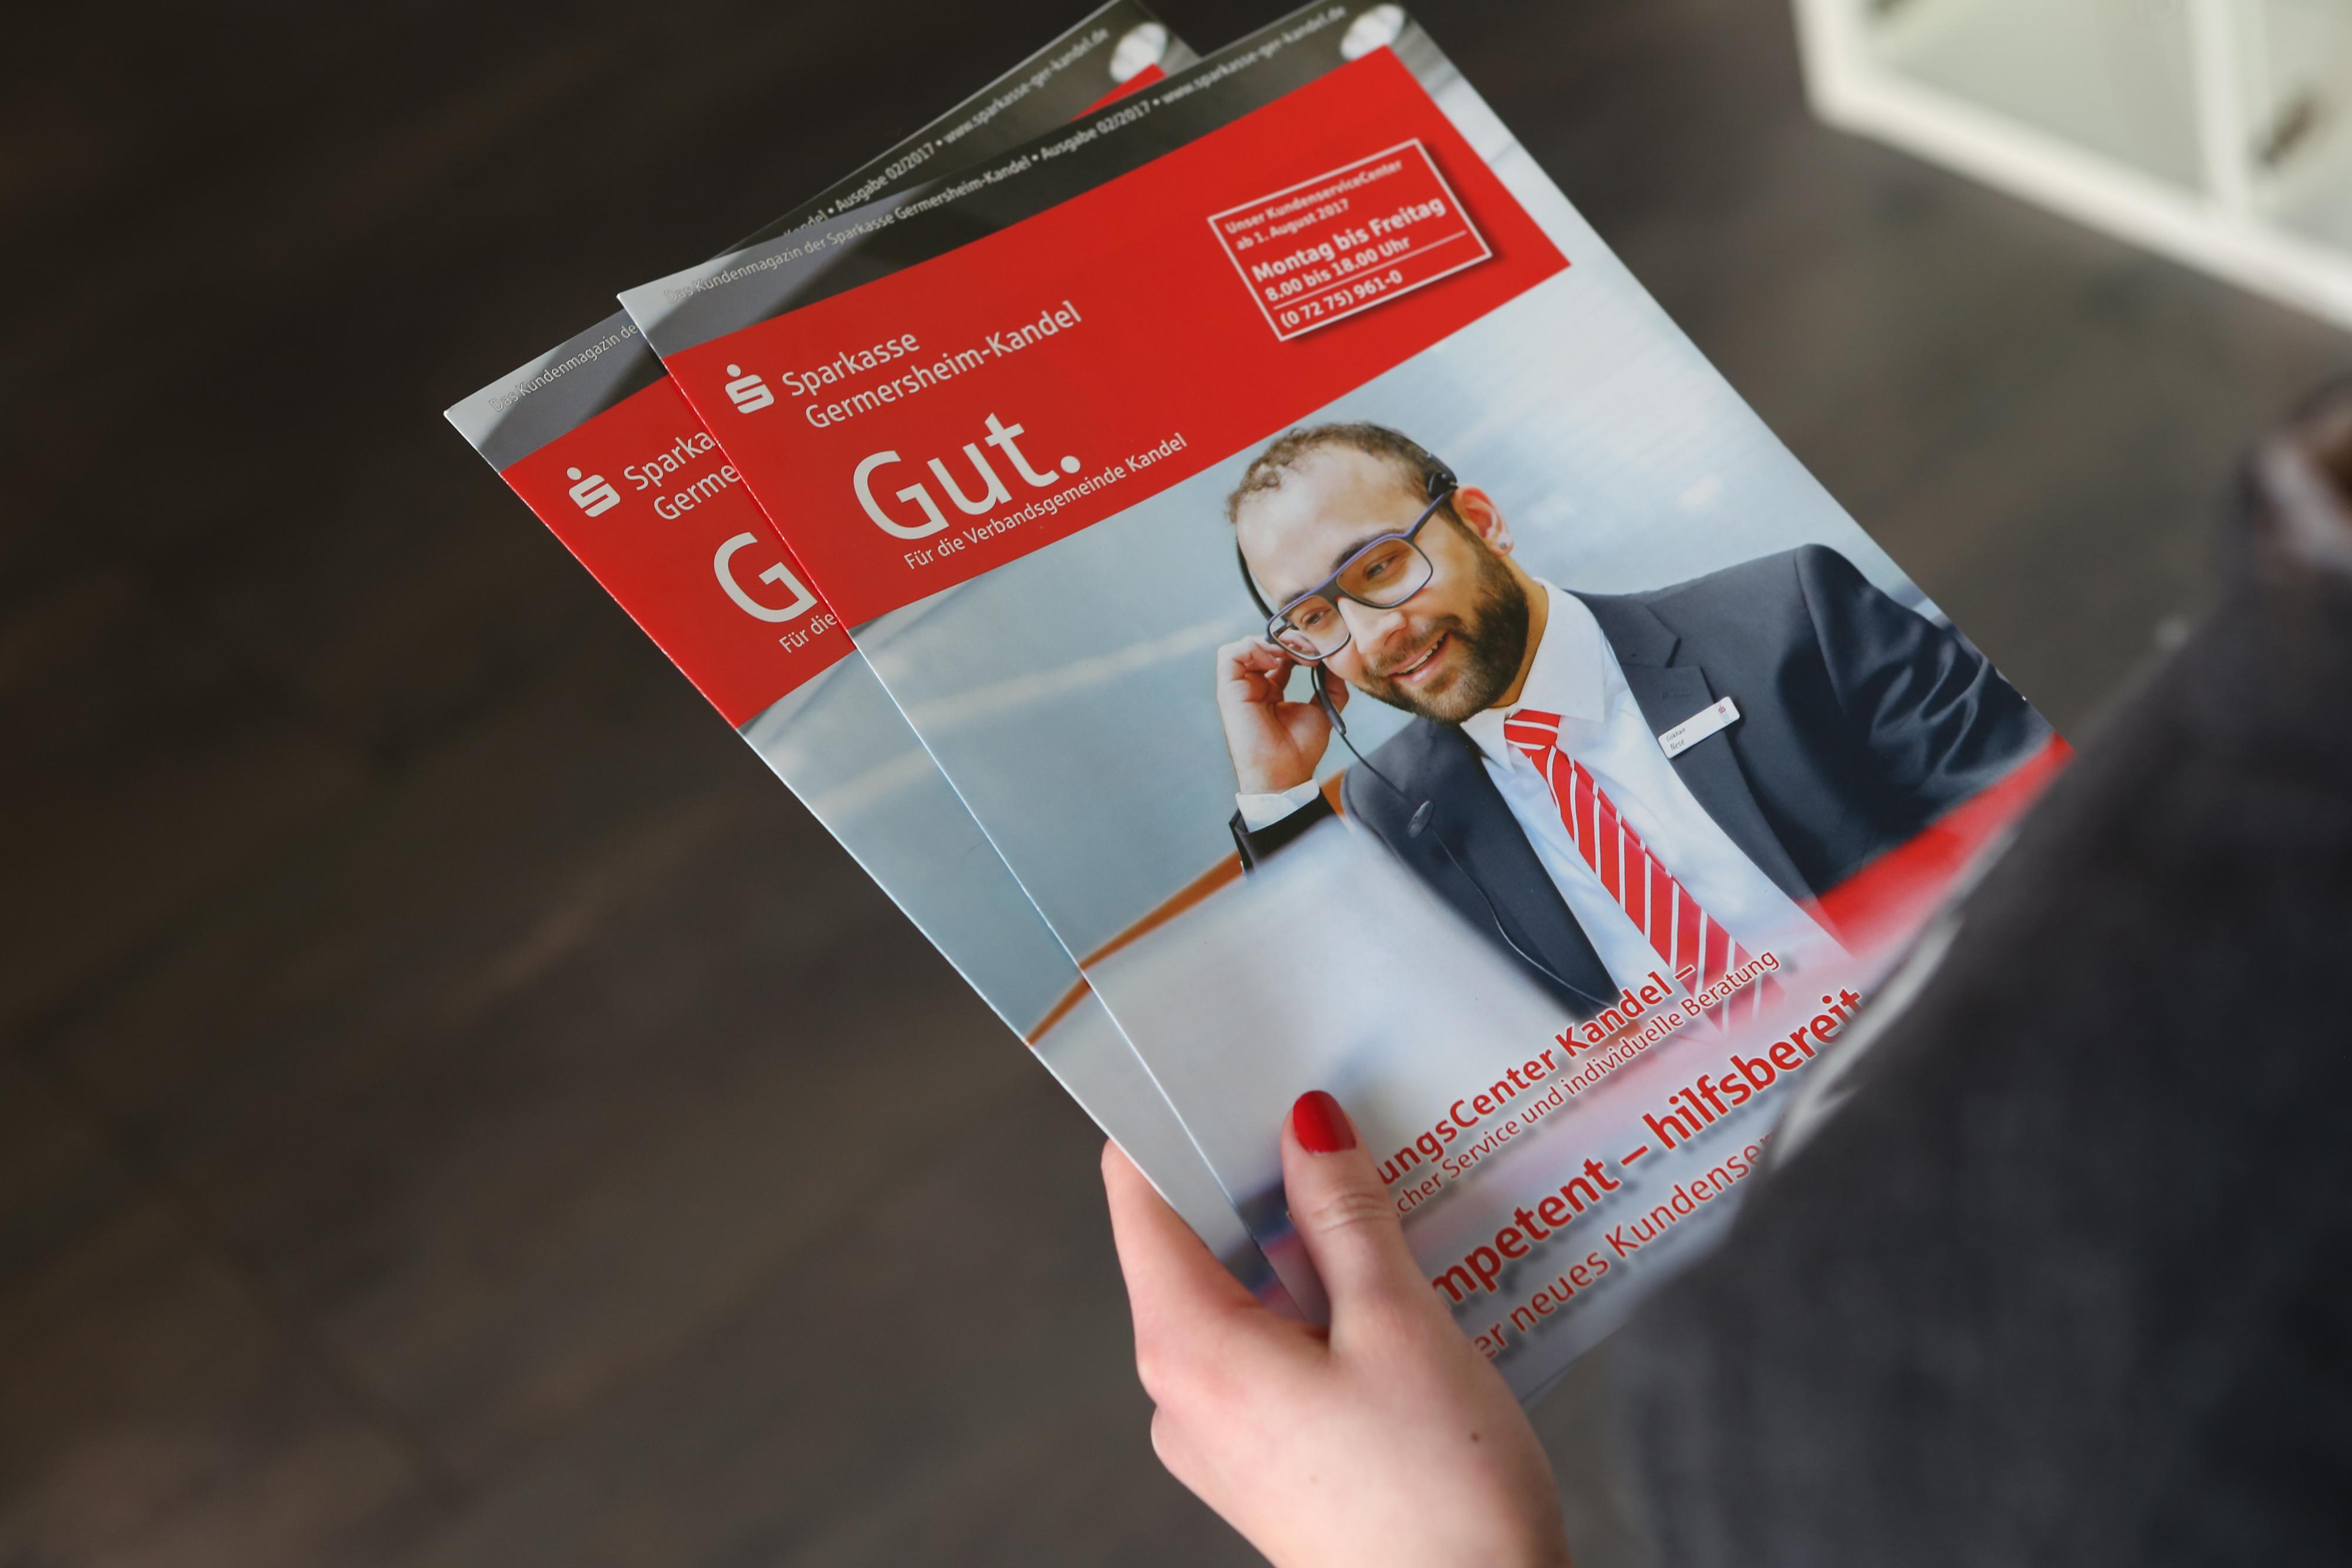 Sabath Media Werbeagentur - Sparkasse Germersheim-Kandel – Fotoshooting - Referenzbild 1